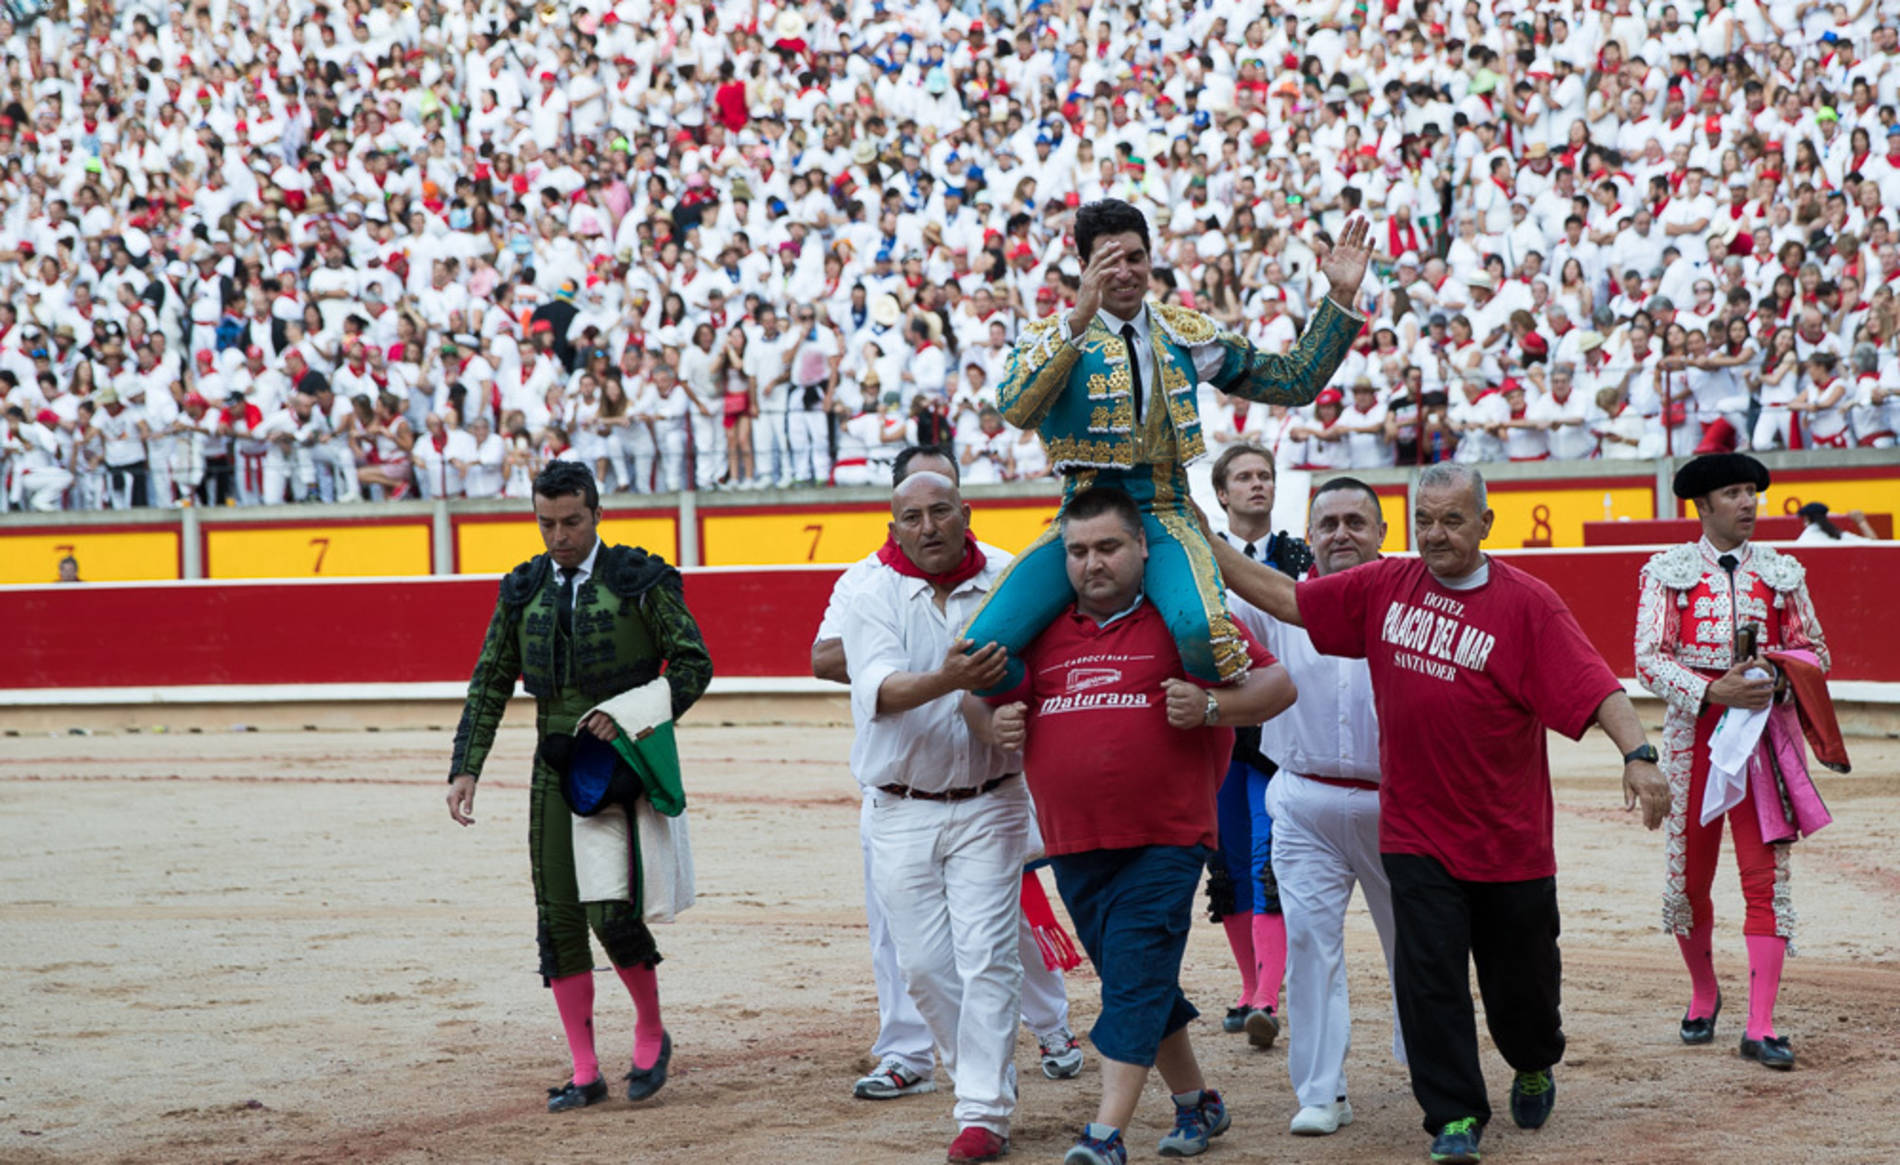 Corrida del día 11 (1/53) - Imágenes de la quinta corrida de San Fermín con los toreros Miguel Ángel Perera, Cayetano y Andrés Roca Rey - Contenidos -